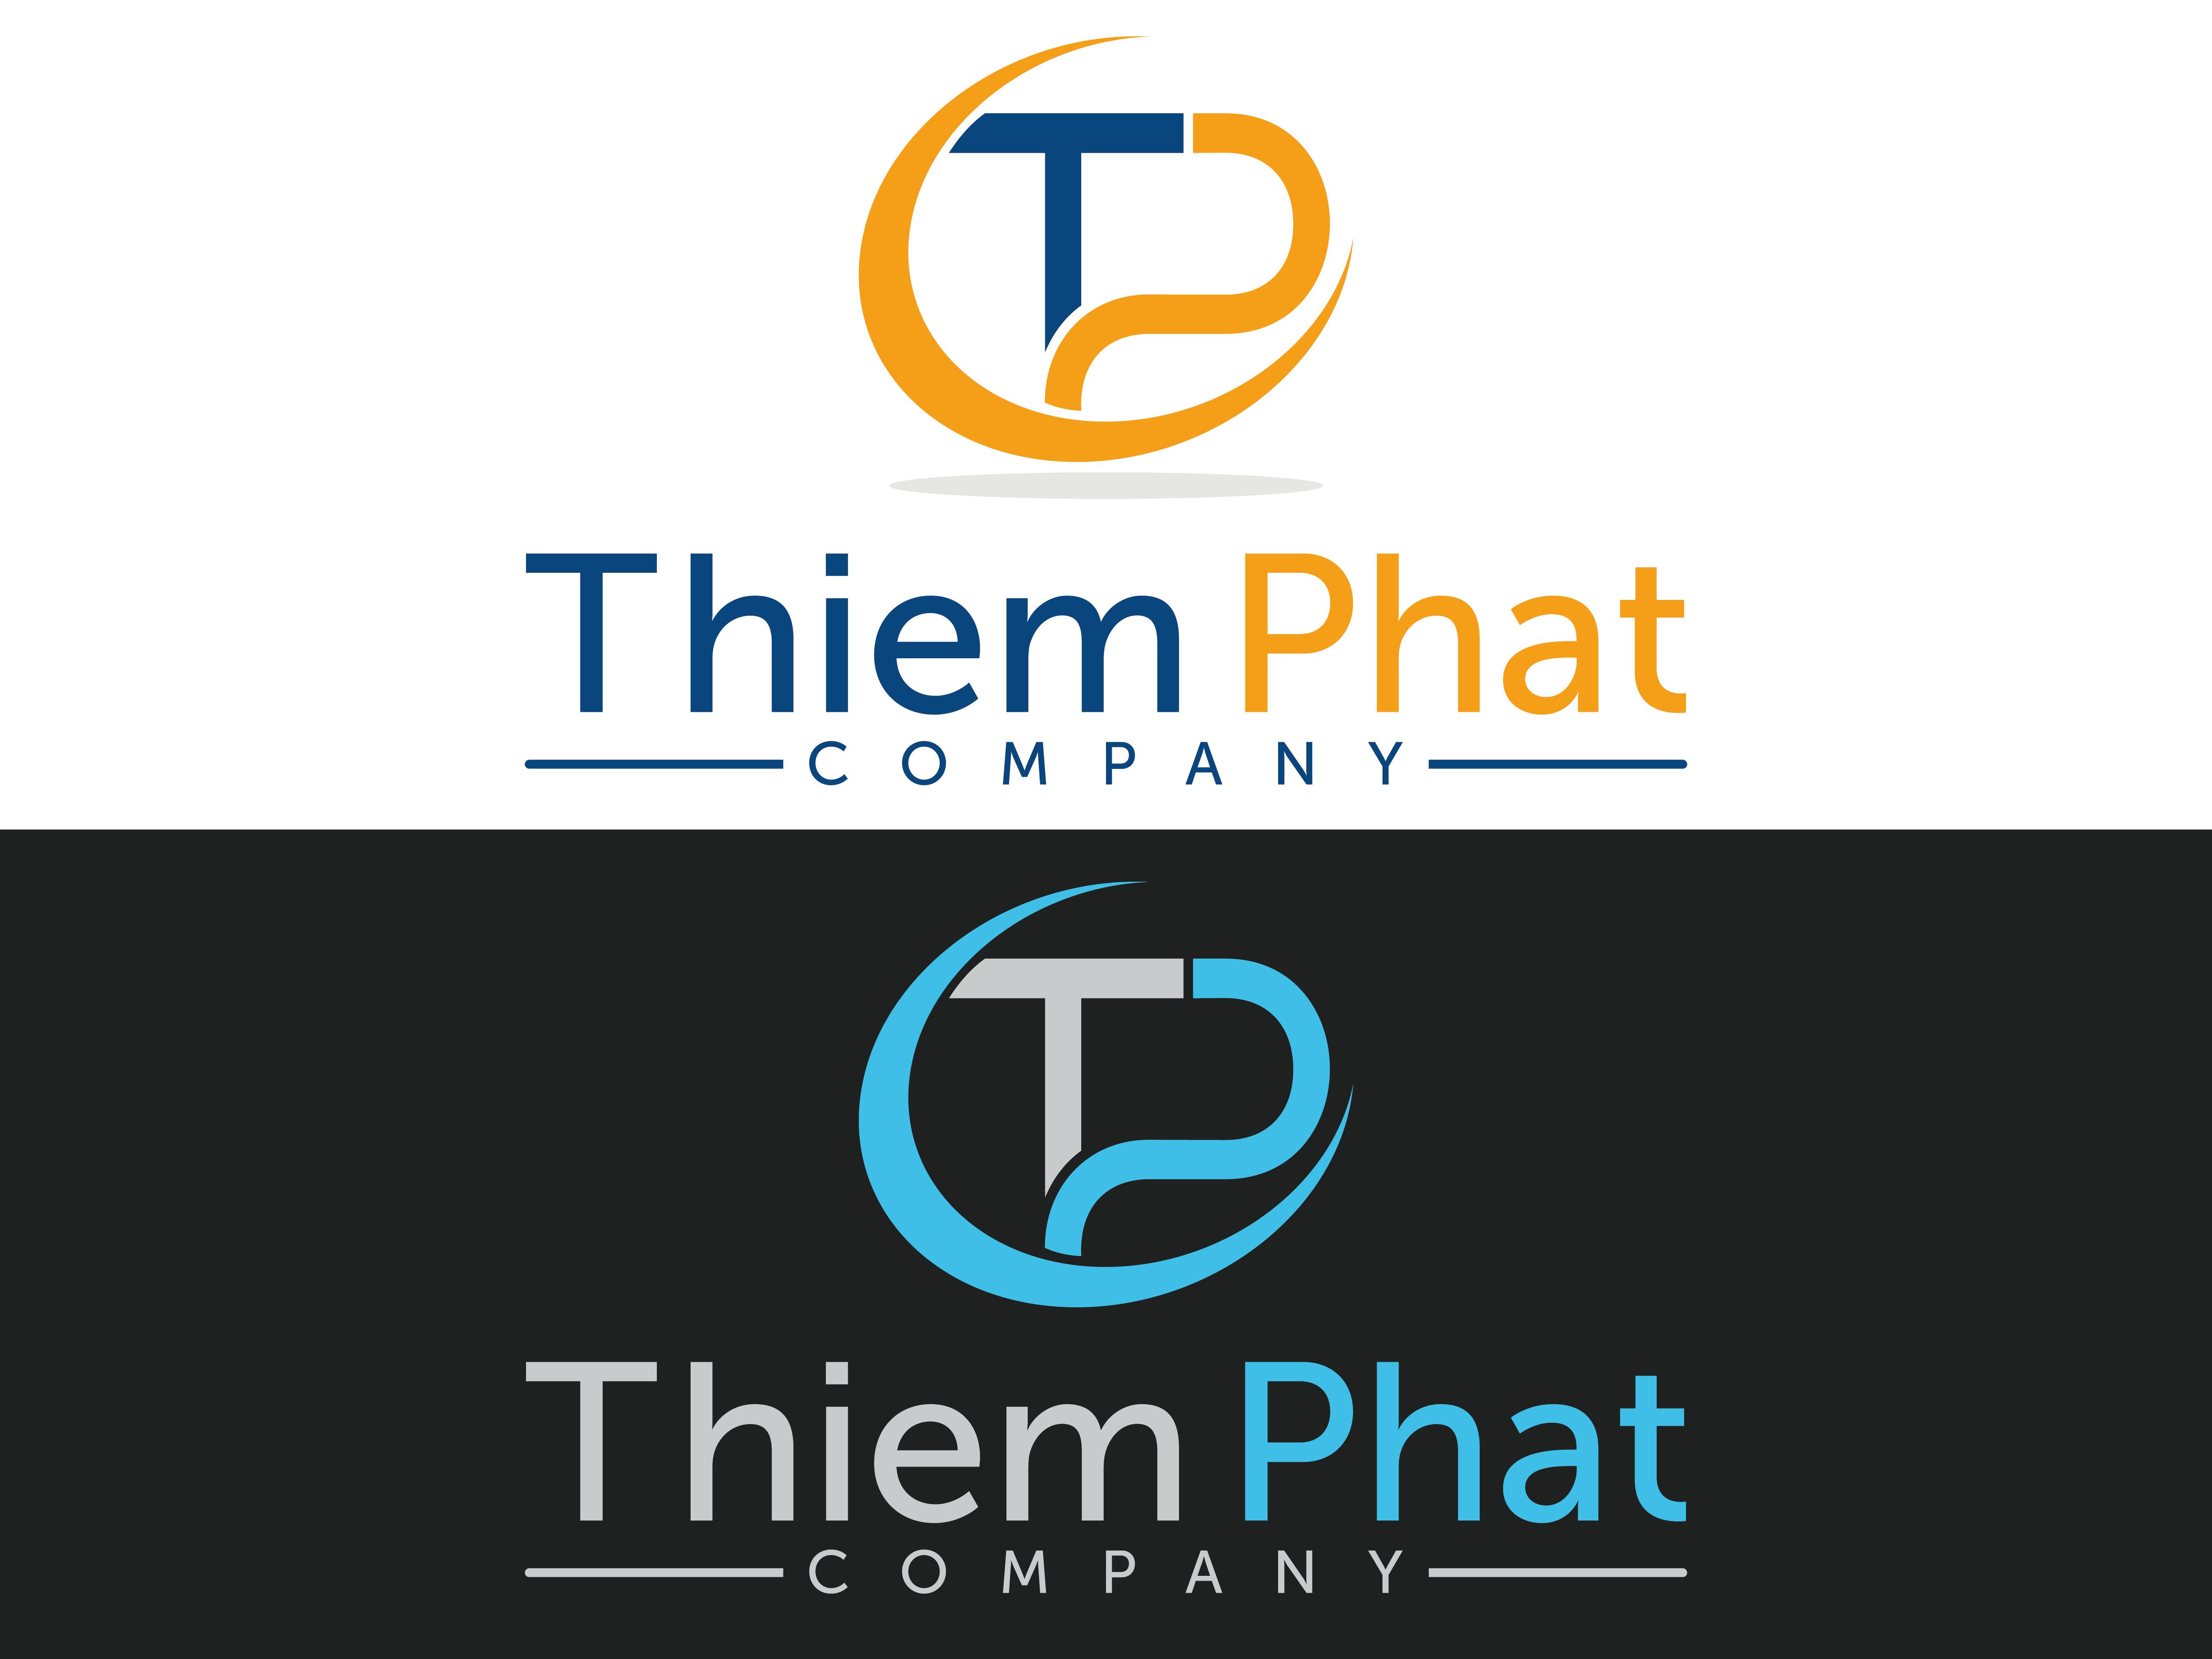 Logo Design by Evo-design - Entry No. 109 in the Logo Design Contest New Logo Design for Thiem Phat company.